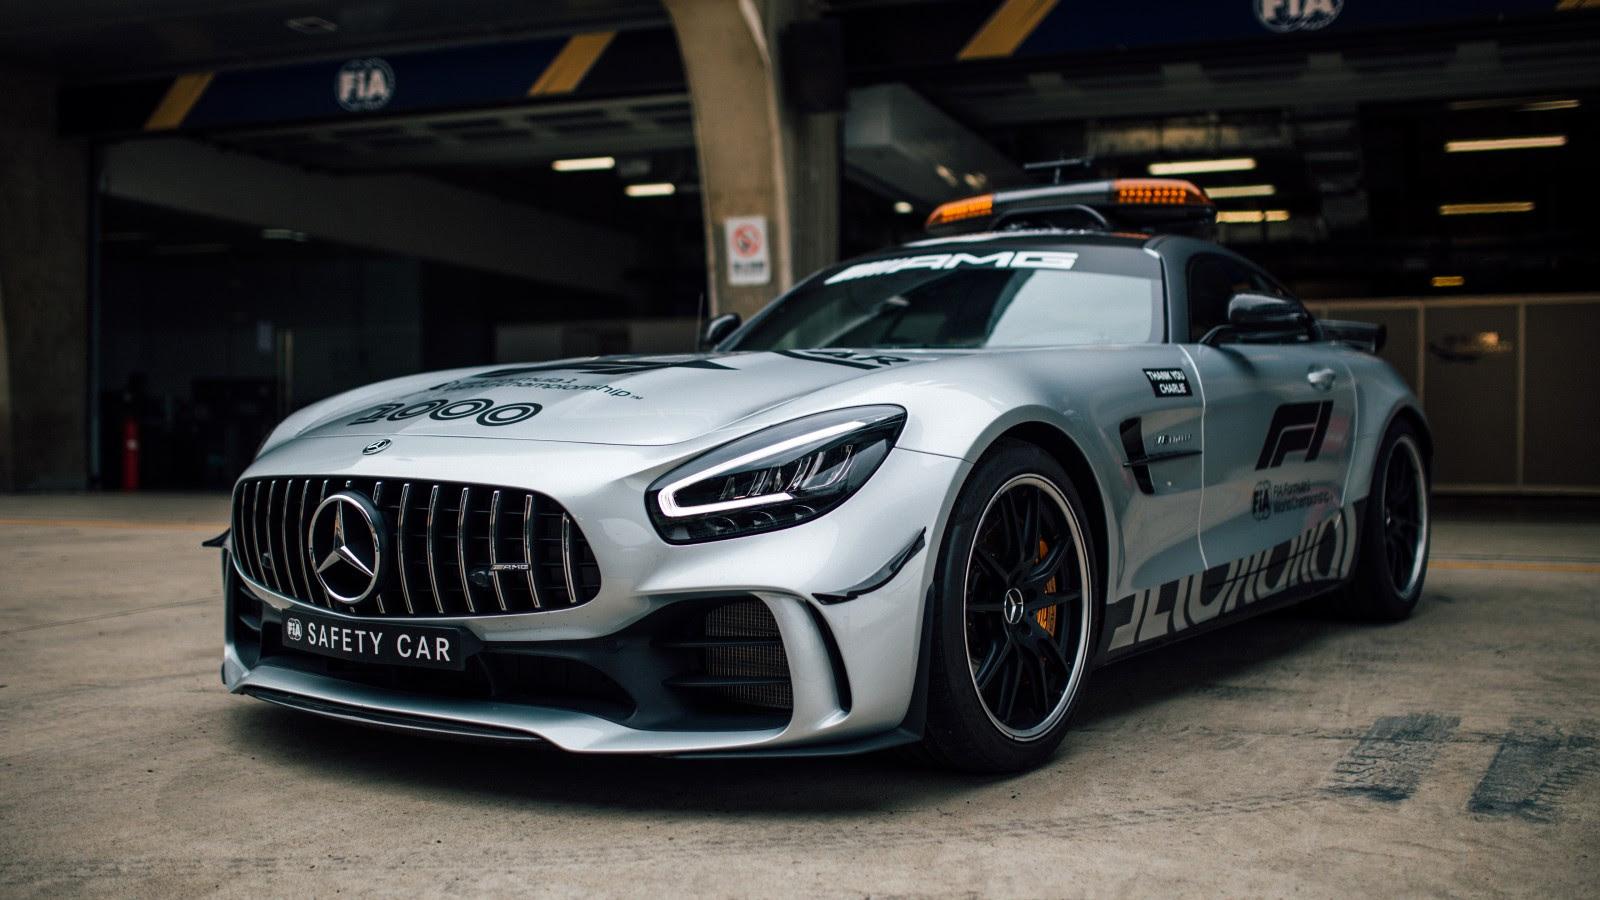 Mercedes-AMG GT R F1 Safety Car 5K Wallpaper   HD Car ...